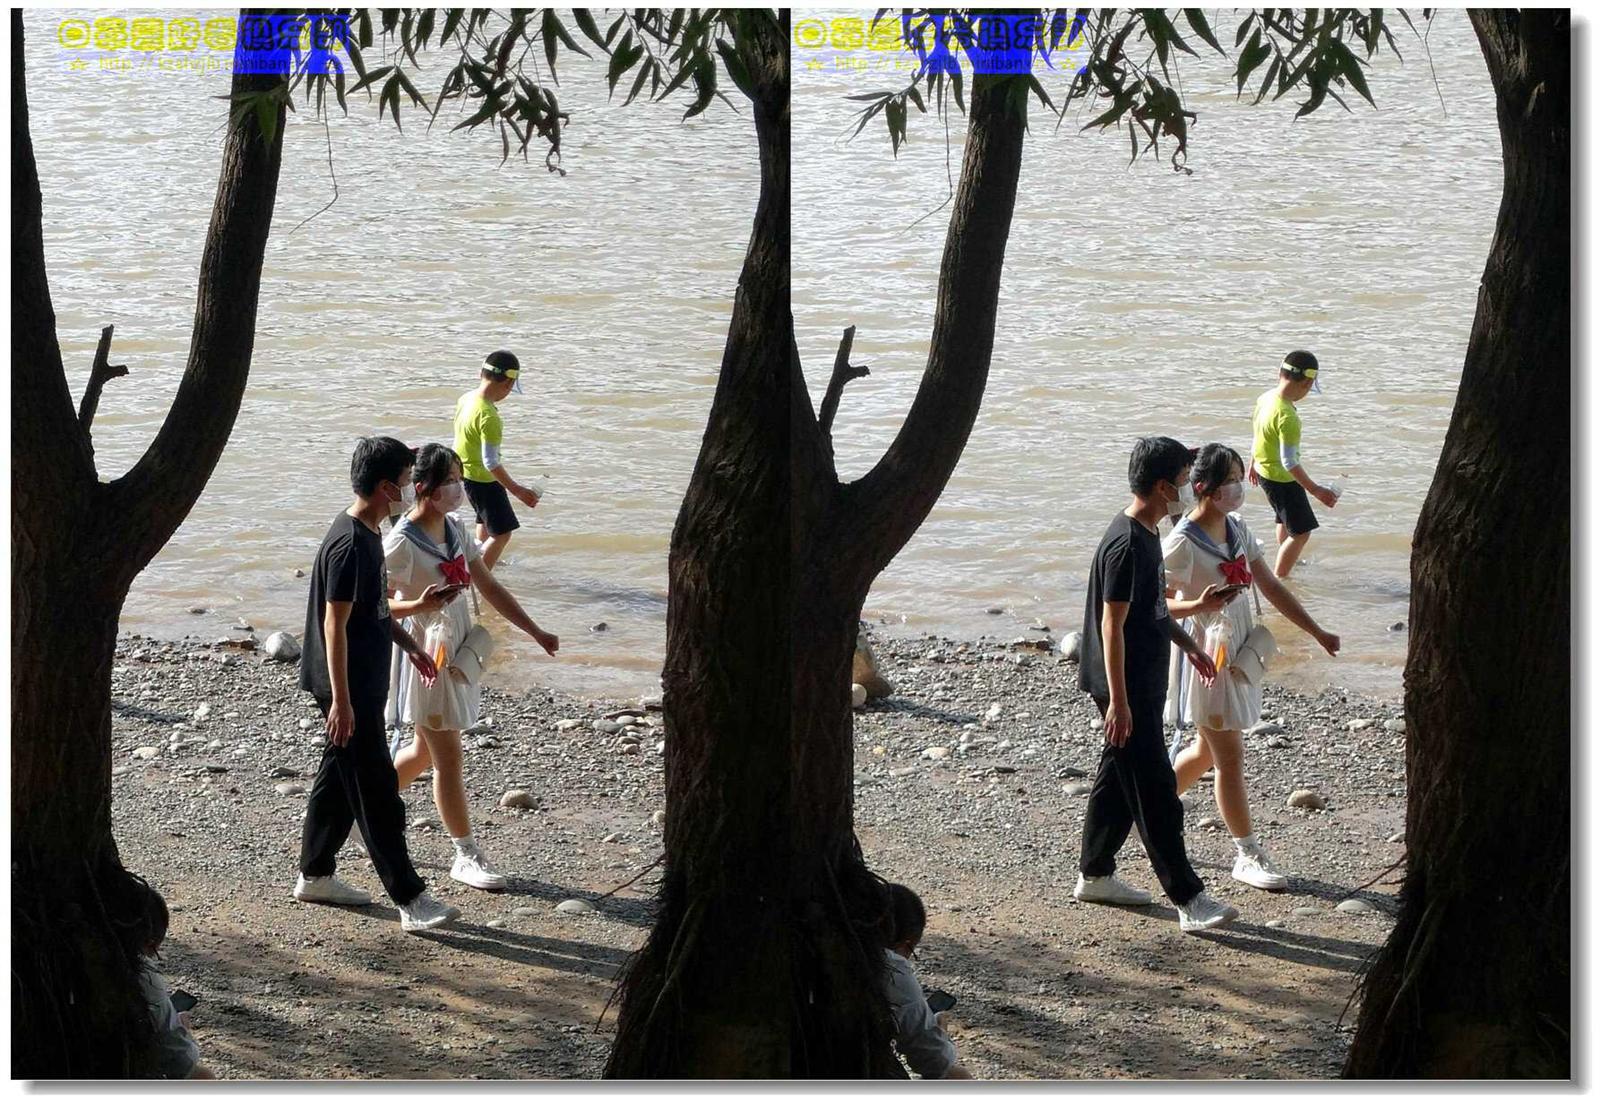 【原创】河畔情侣 -1